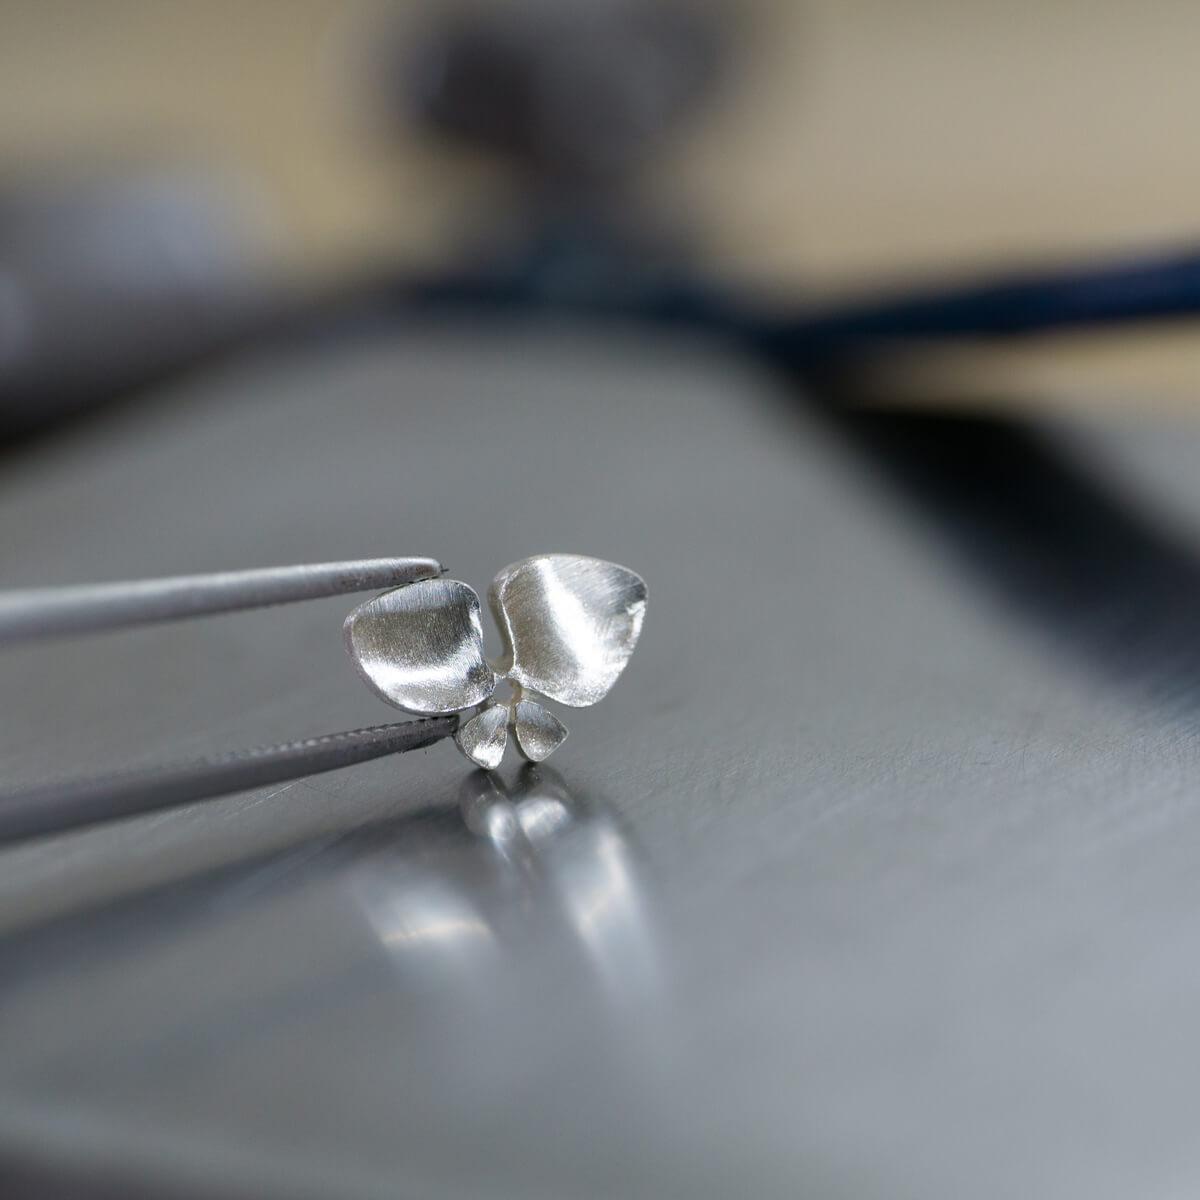 オーダーメイドジュエリーの制作風景 ジュエリーのアトリエ シルバー 屋久島のツユクサモチーフ 屋久島でつくる結婚指輪